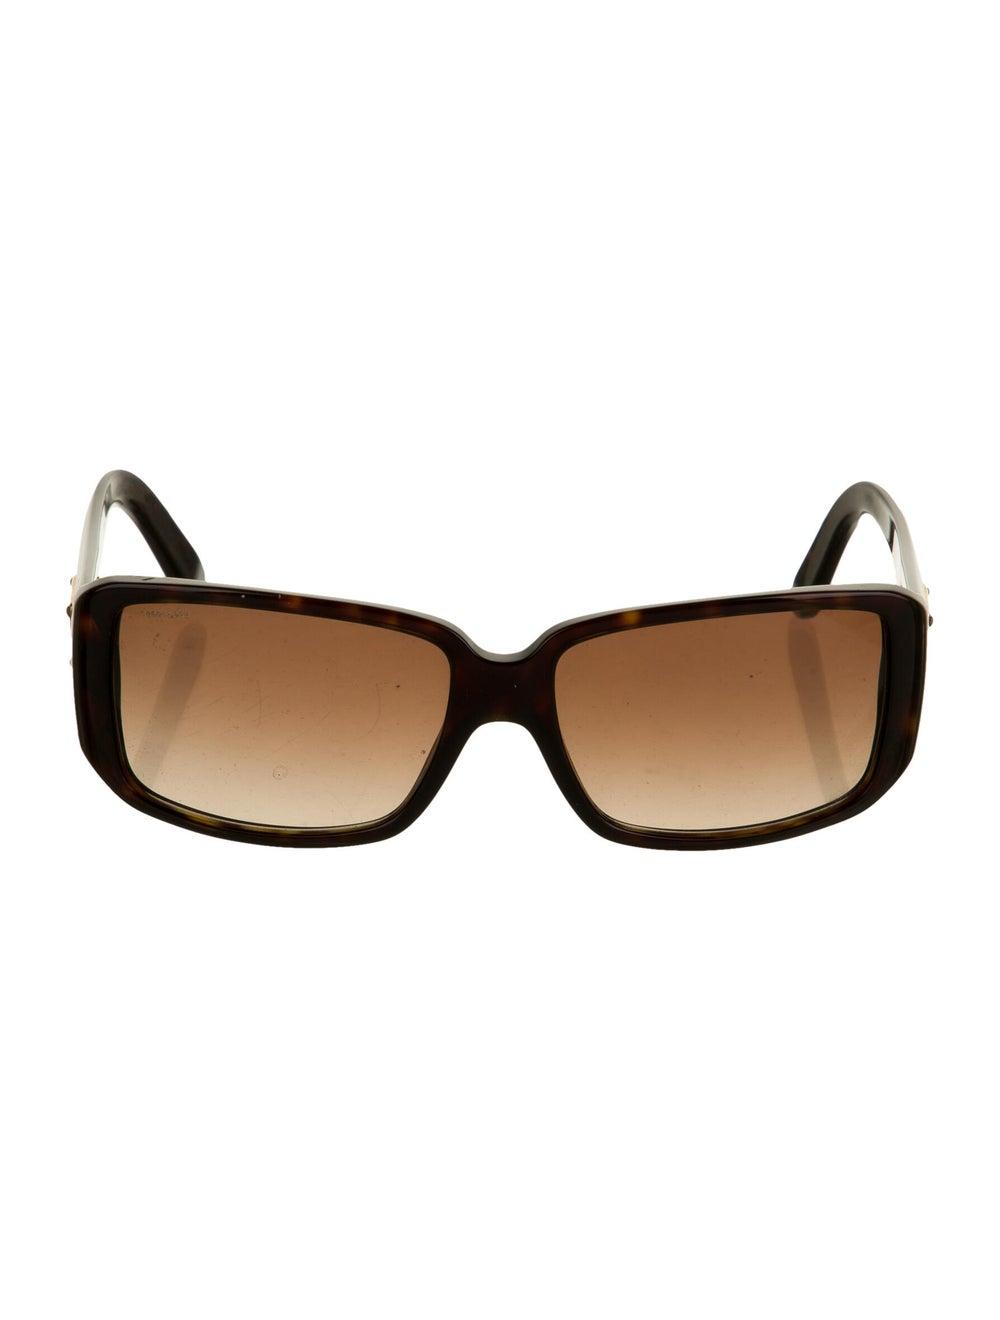 Prada Square Gradient Sunglasses Brown - image 1